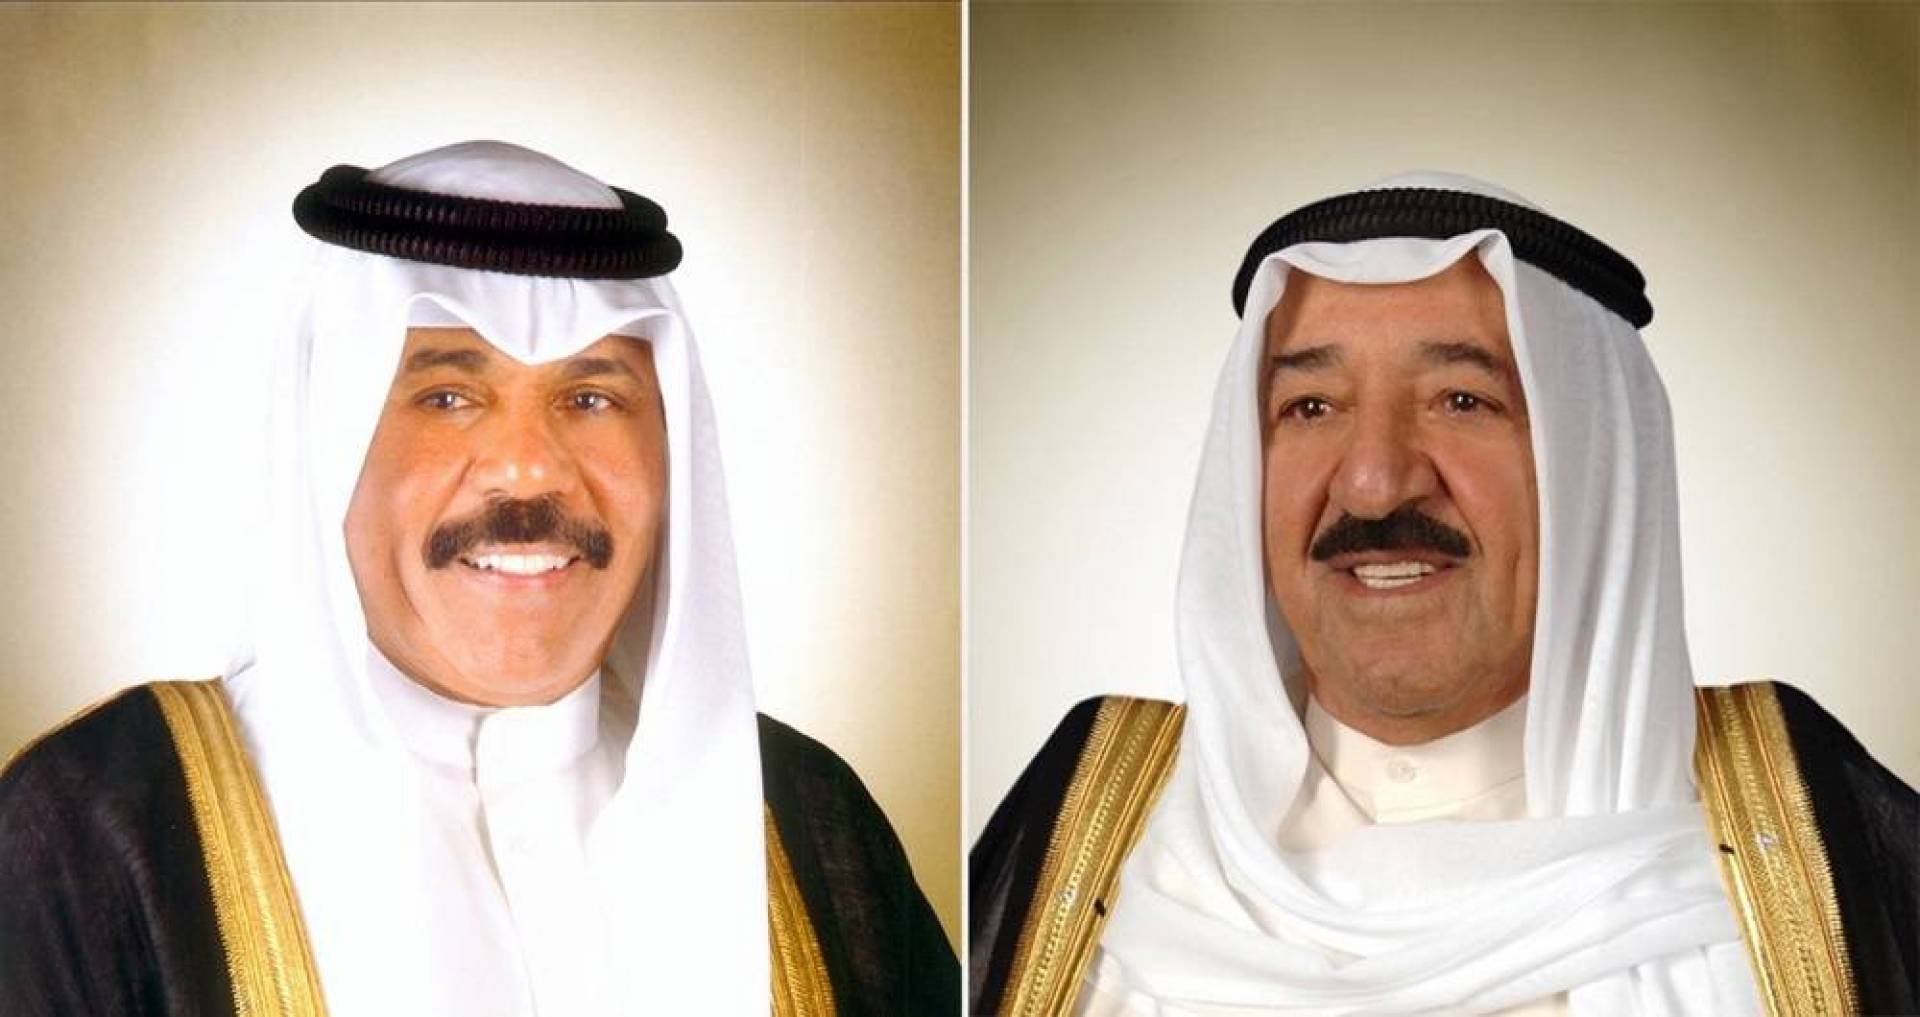 سمو الأمير وسمو نائب الأمير يهنئان المواطنين والمقيمين بعيد الأضحى المبارك